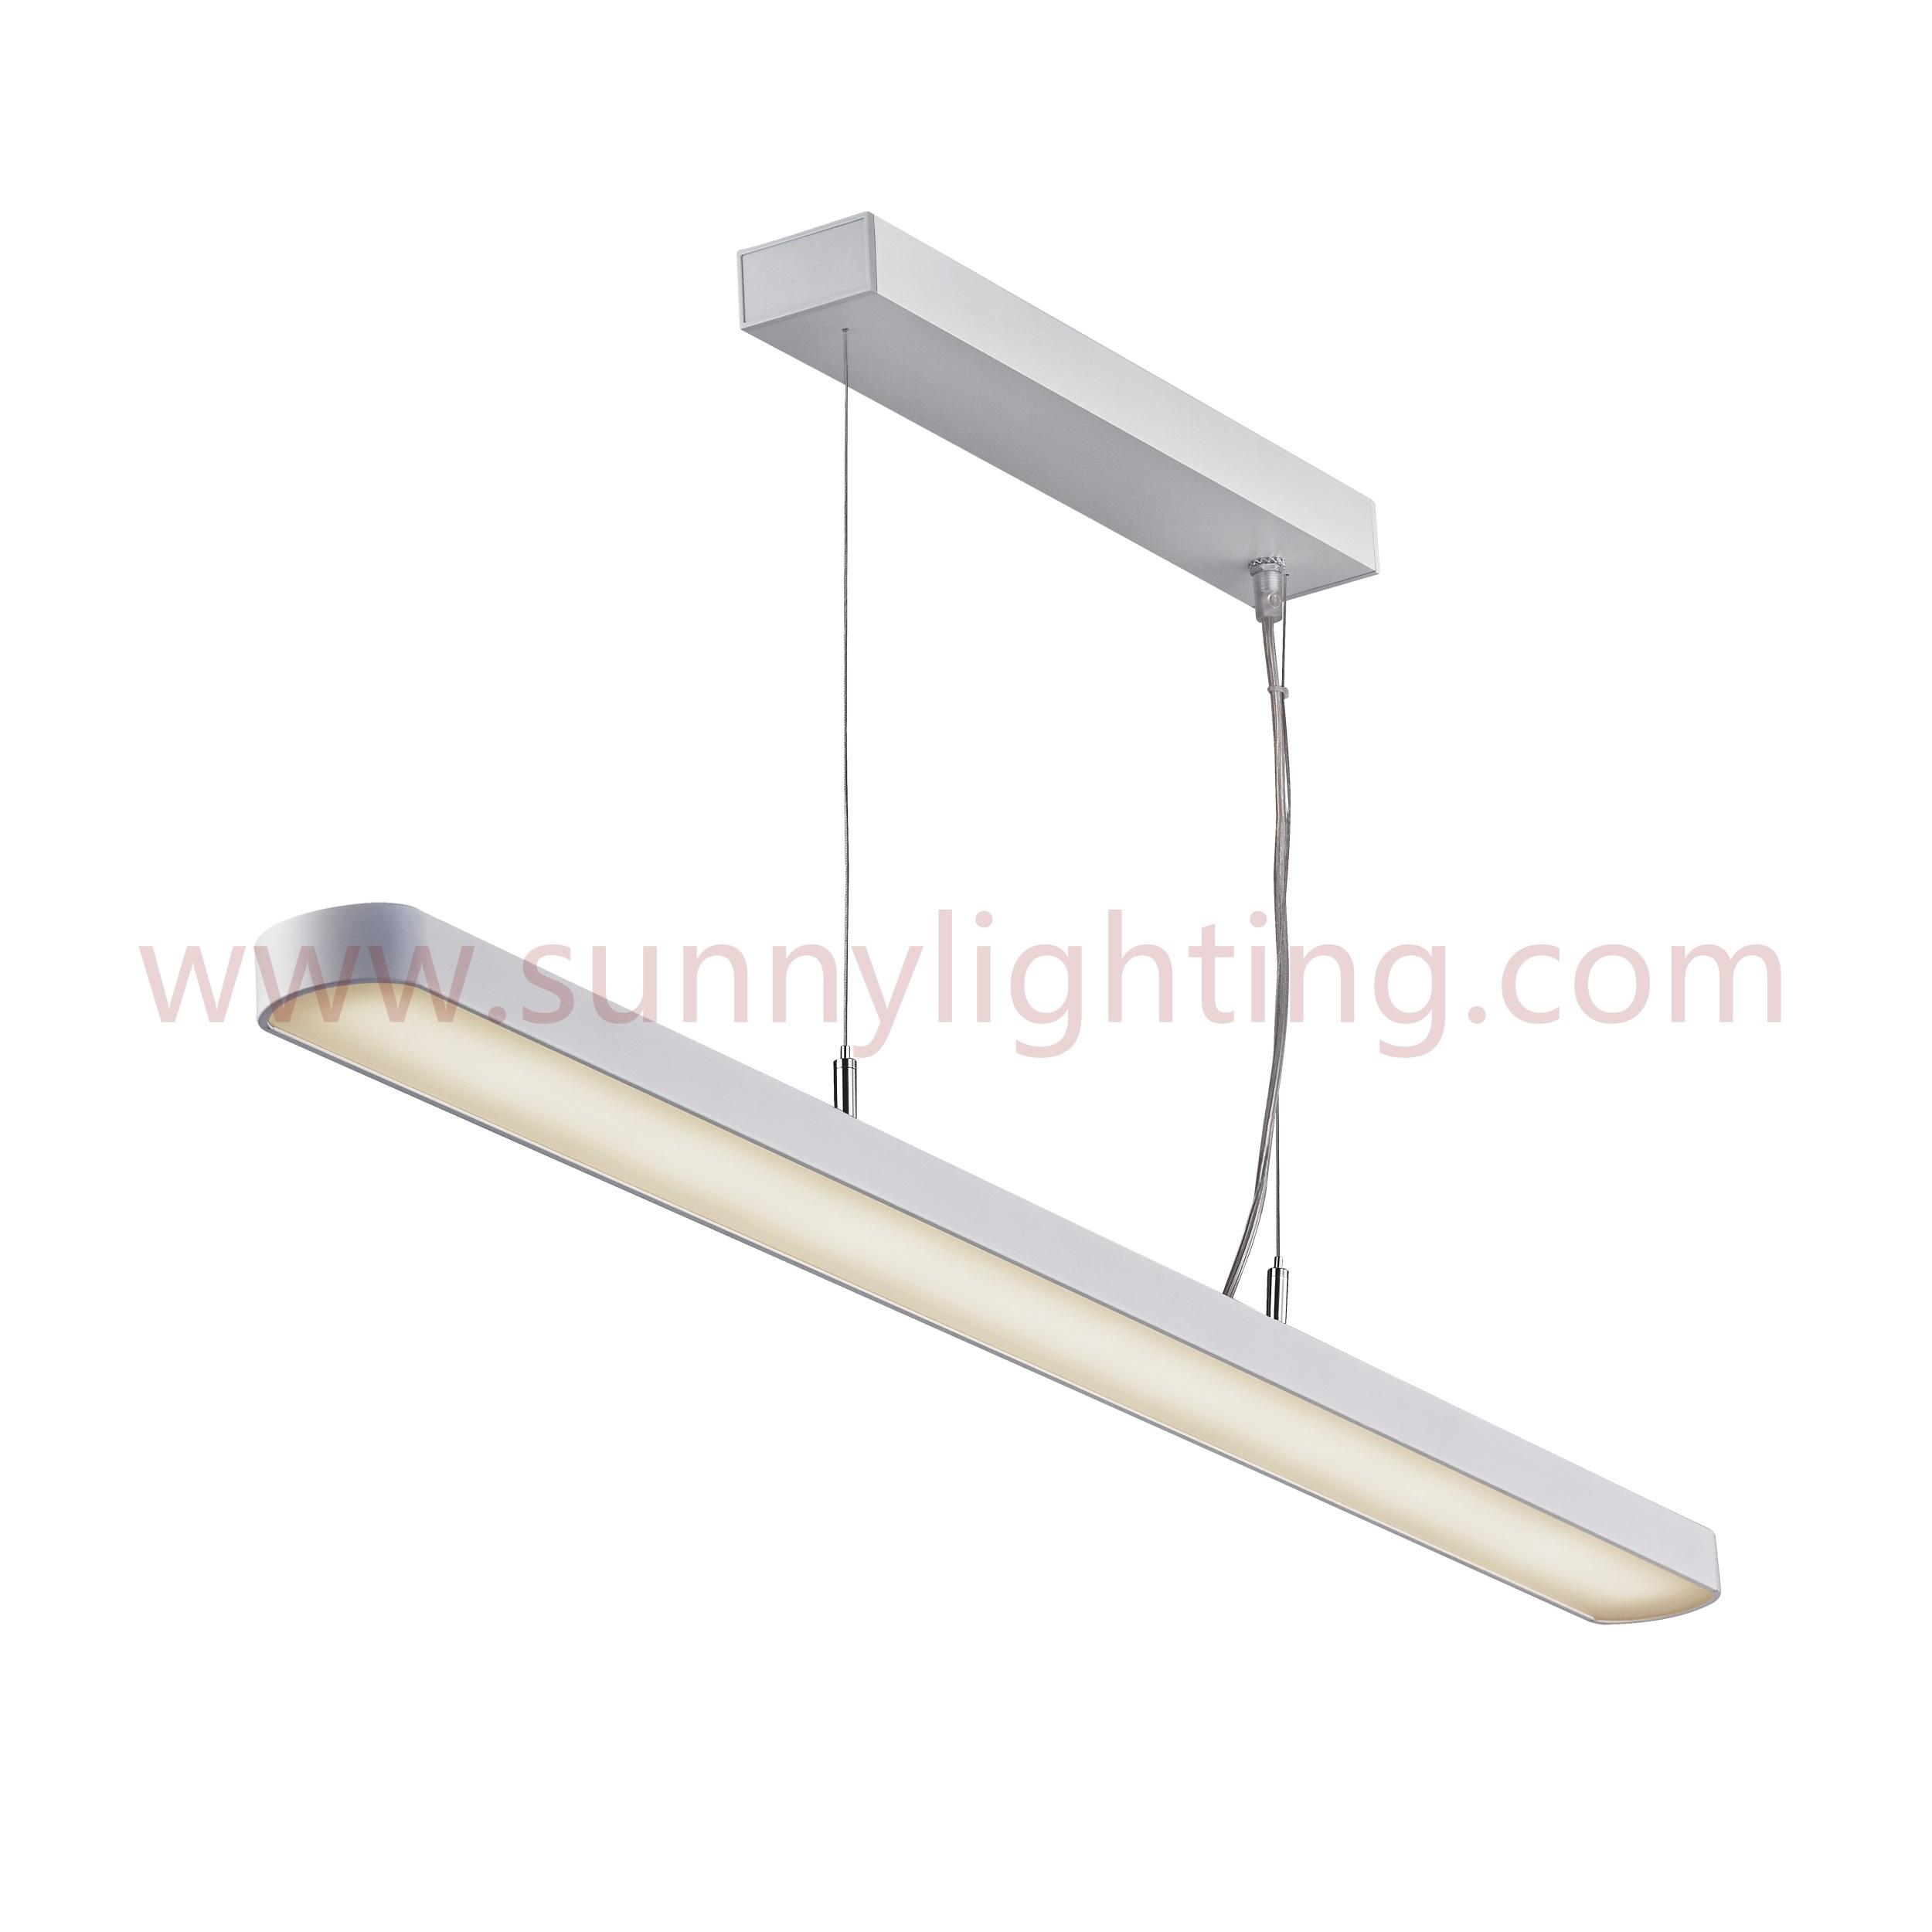 LED Linear Light 21.6/28.8W/36W LED-060B